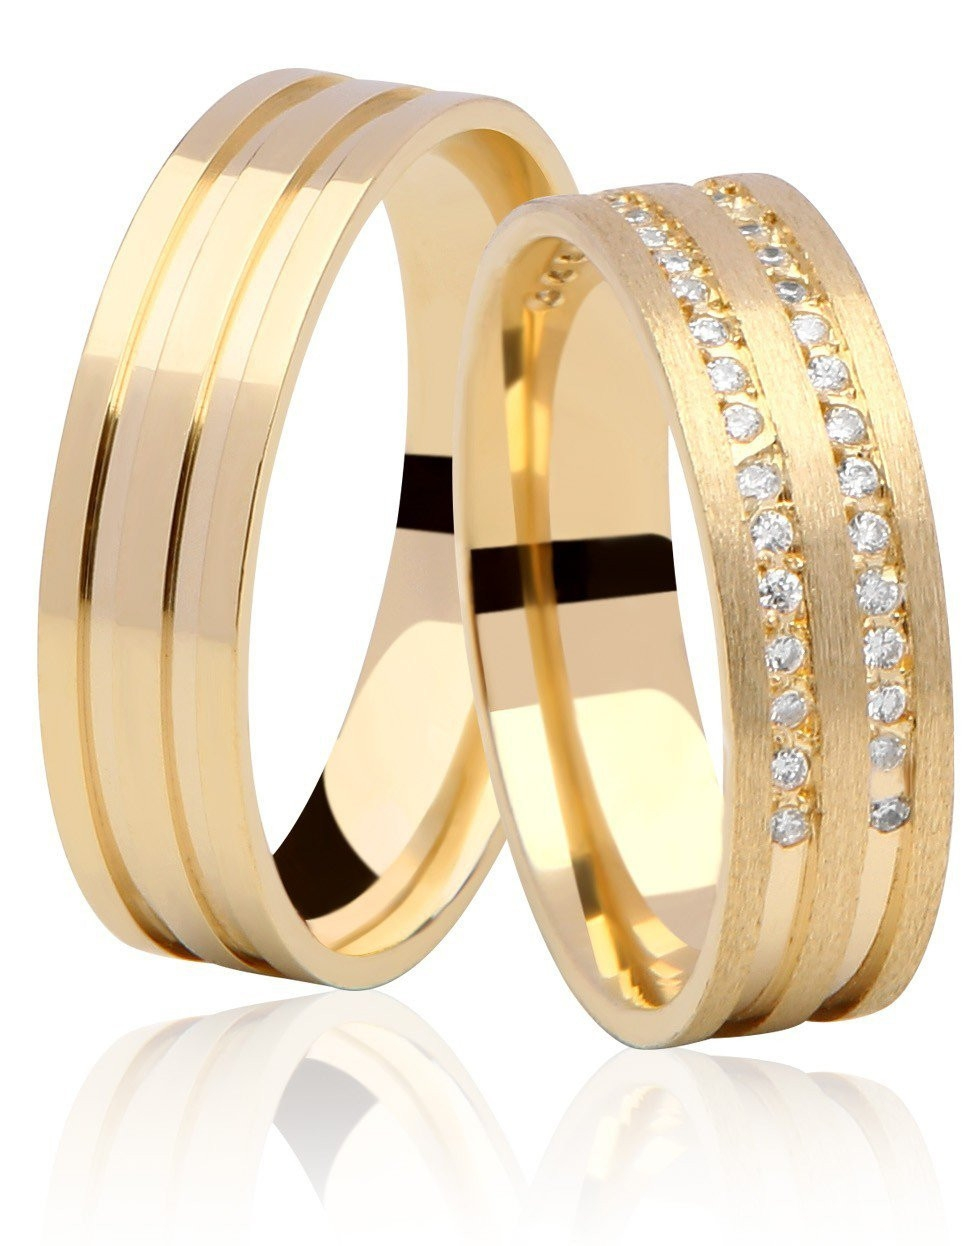 Aliança de Prata 950 Banhada a Ouro 24k Noivado ou Casamento AB7033